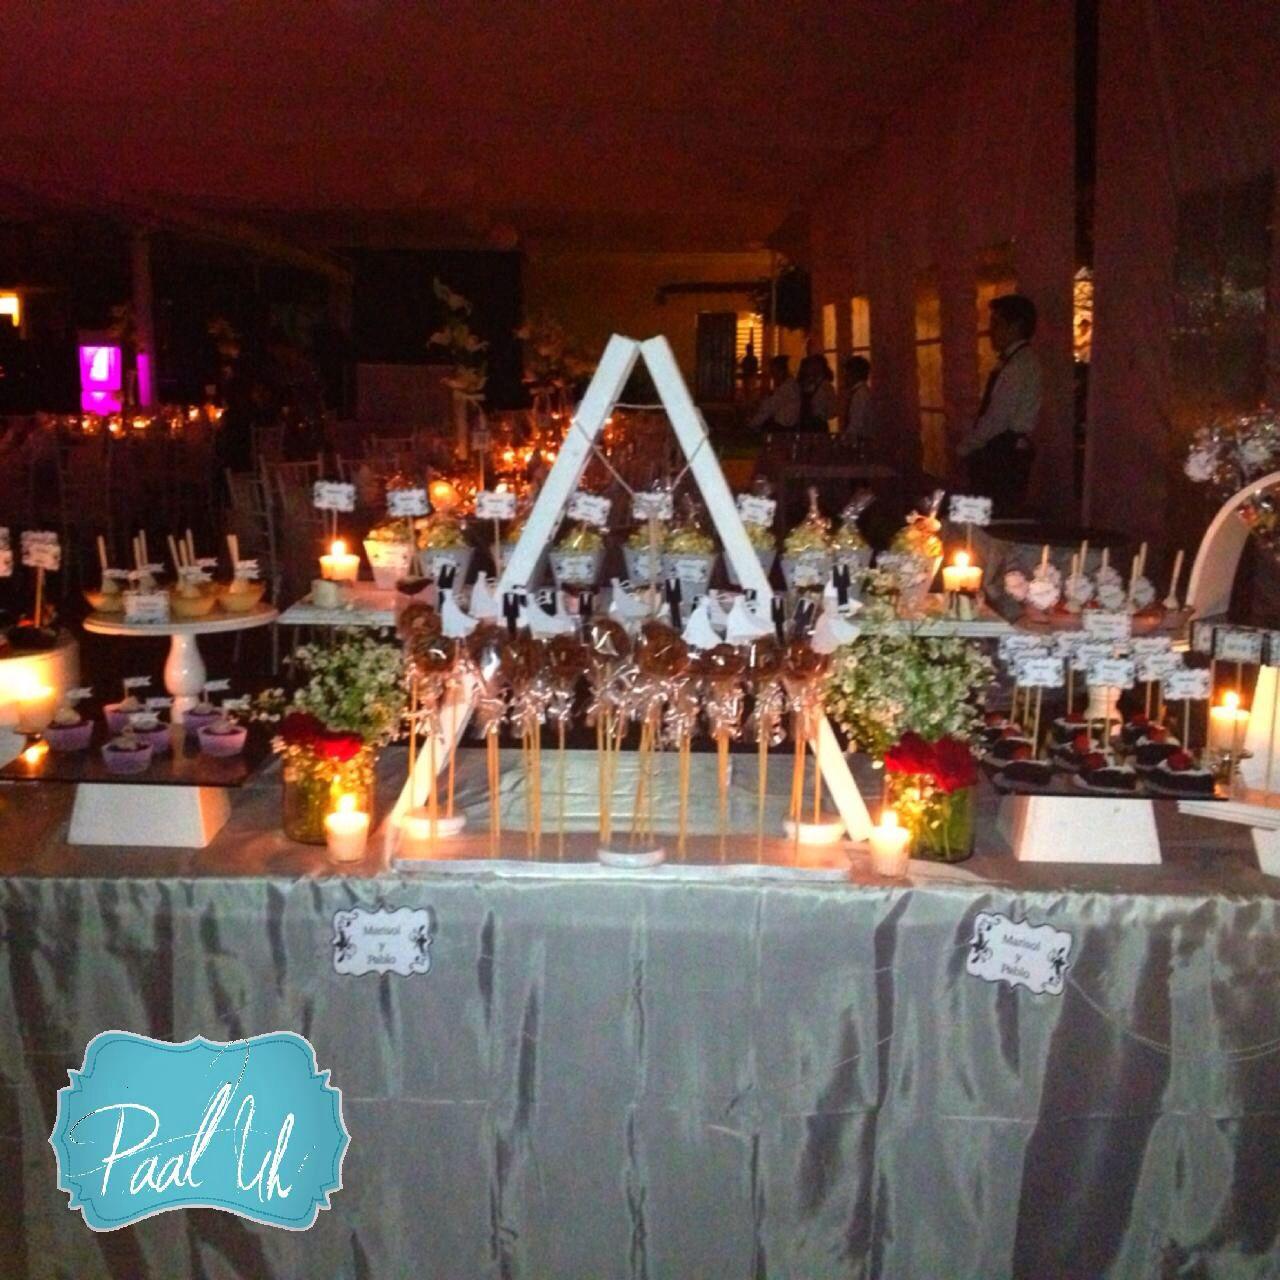 Paal uh mesas de postres snack 39 s boda dulces - Mesa de dulces para boda ...